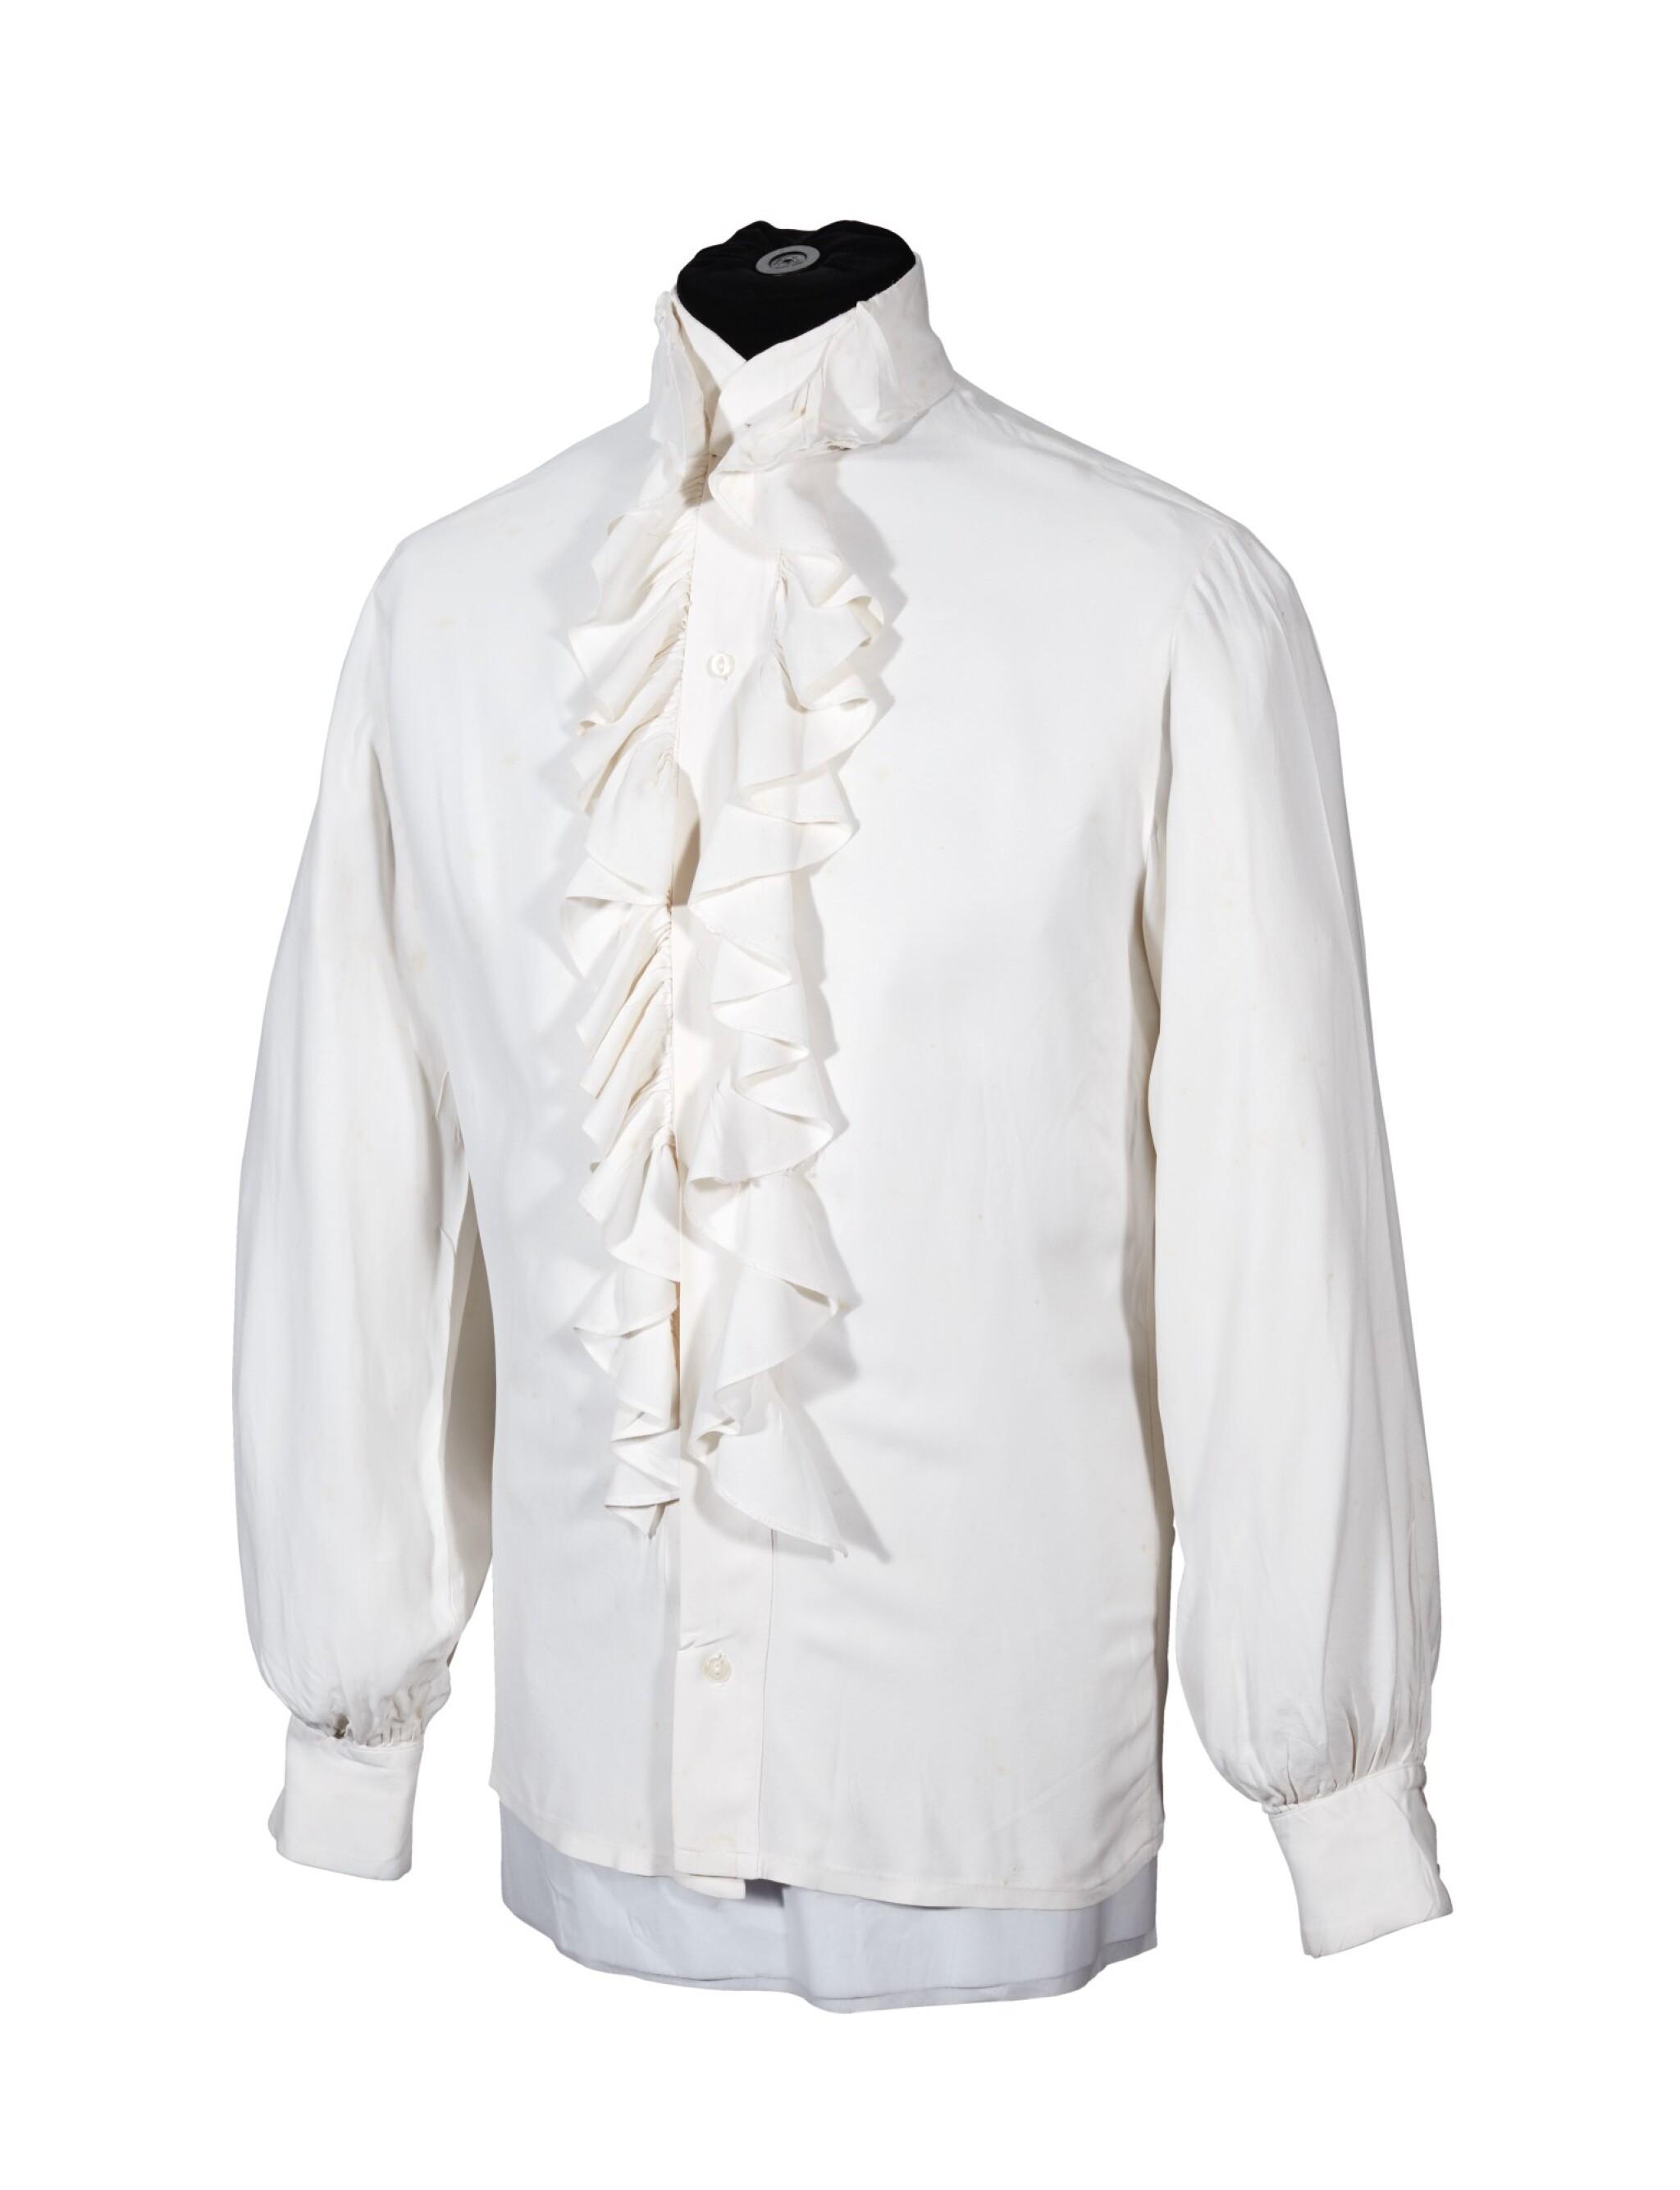 RINGO STARR   Cream shirt with ruffle collar, c.1968